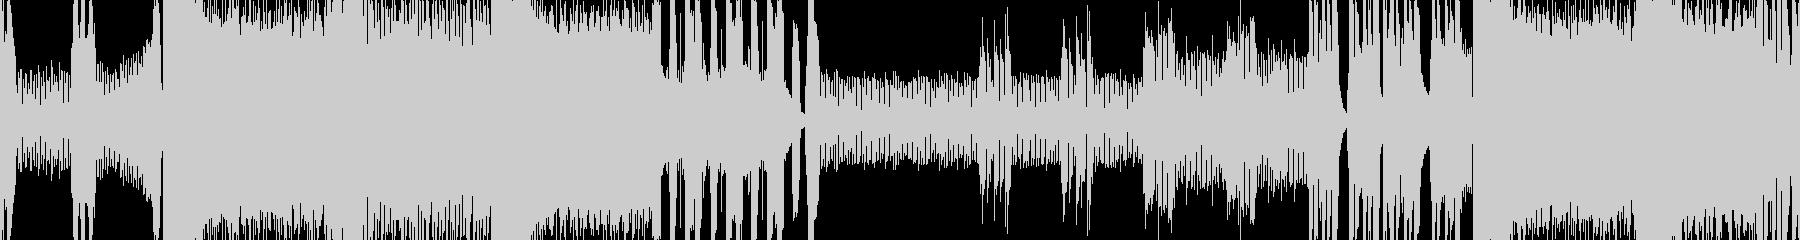 クールなメタルのボスバトル曲 ループ版の未再生の波形